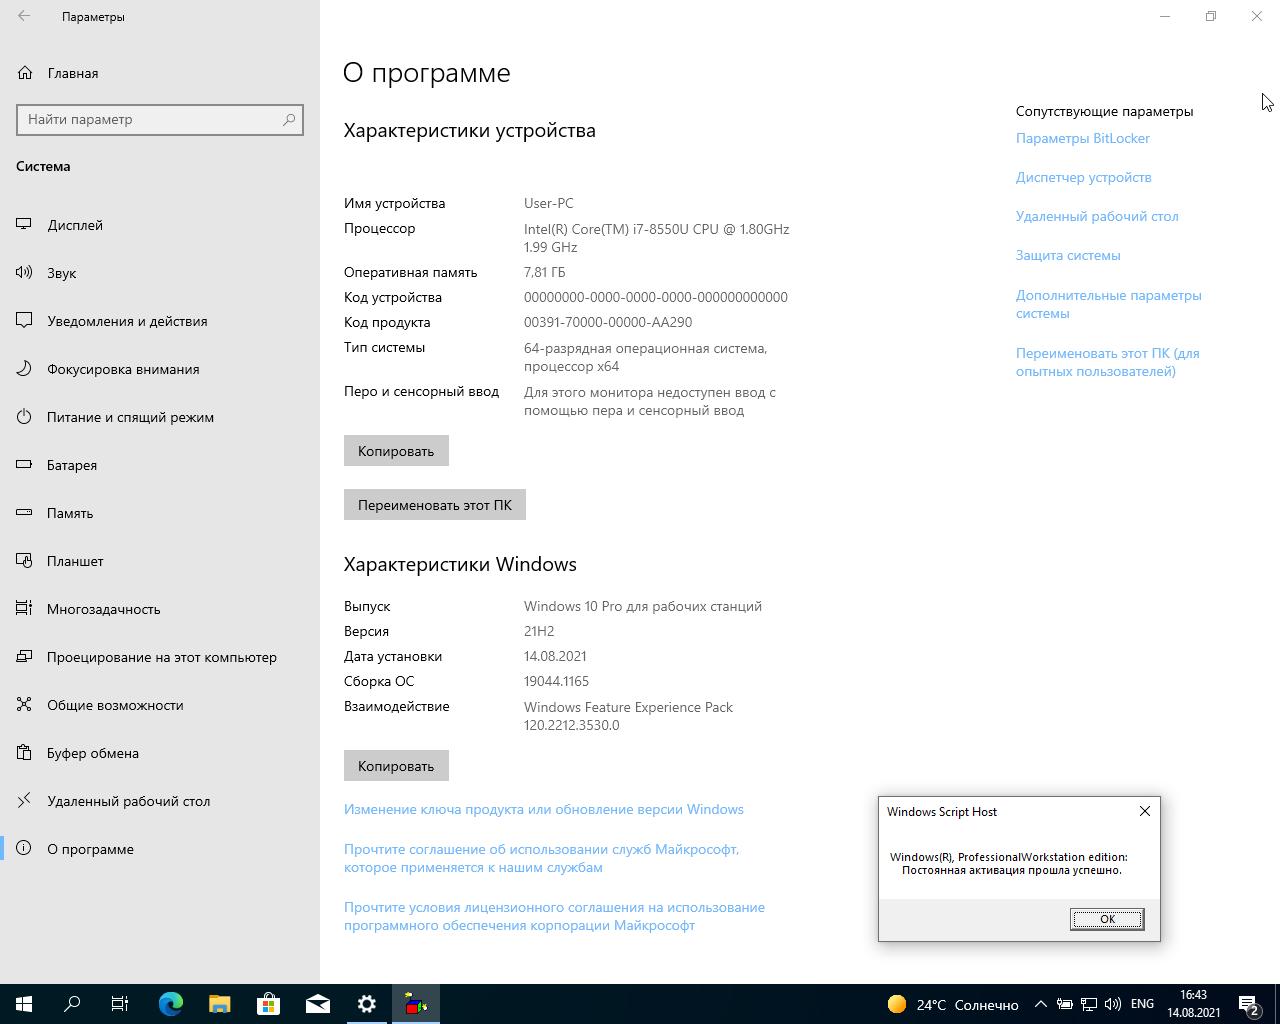 Windows 10 2009 3in1 x64 + программы by AG 08.2021 [19044.1165]